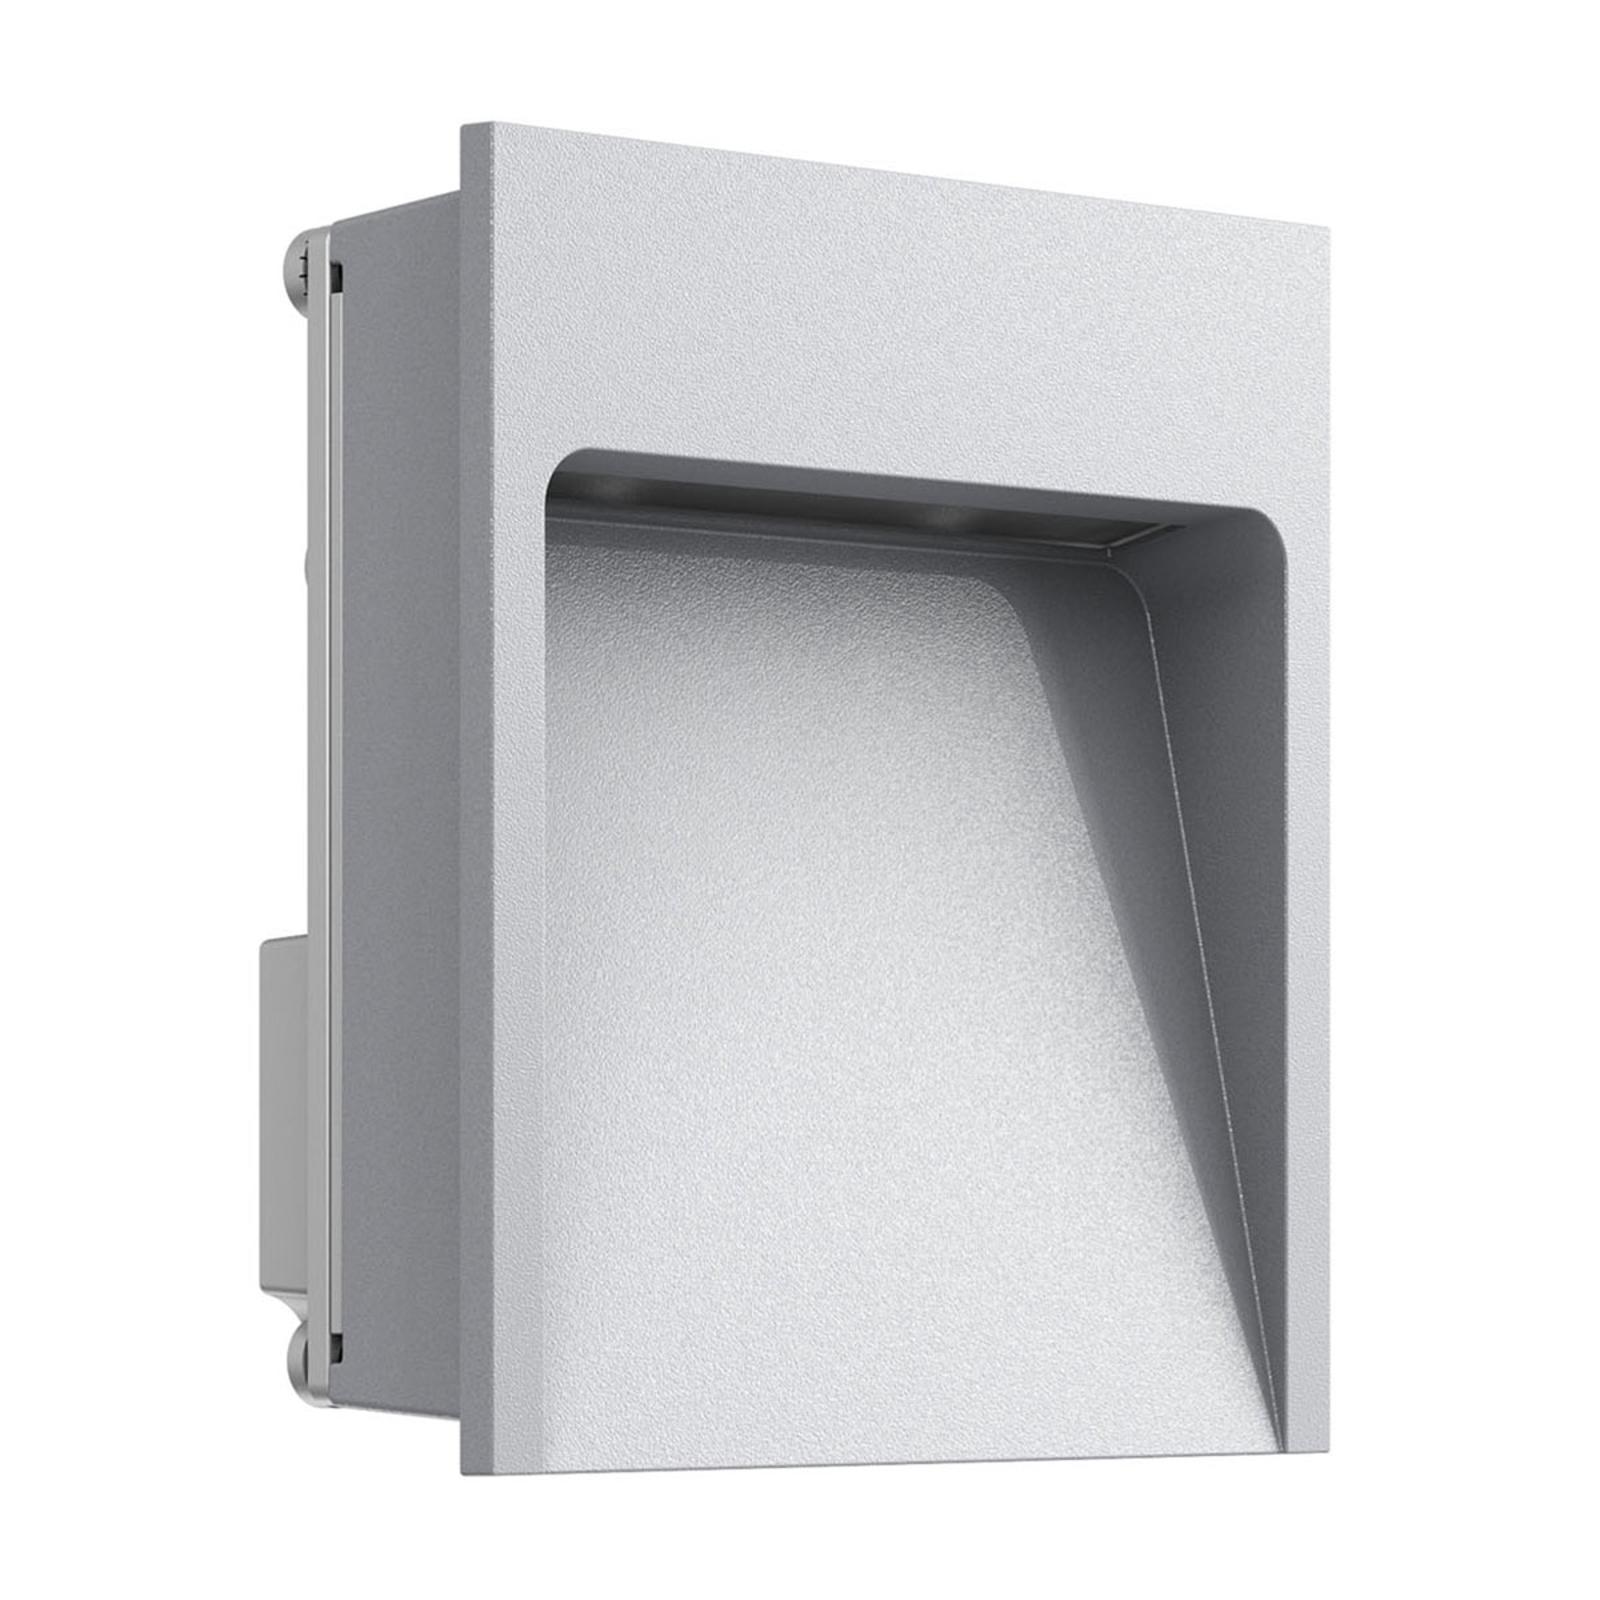 FLOS F4351006 Venkovní zapuštěné osvětlení